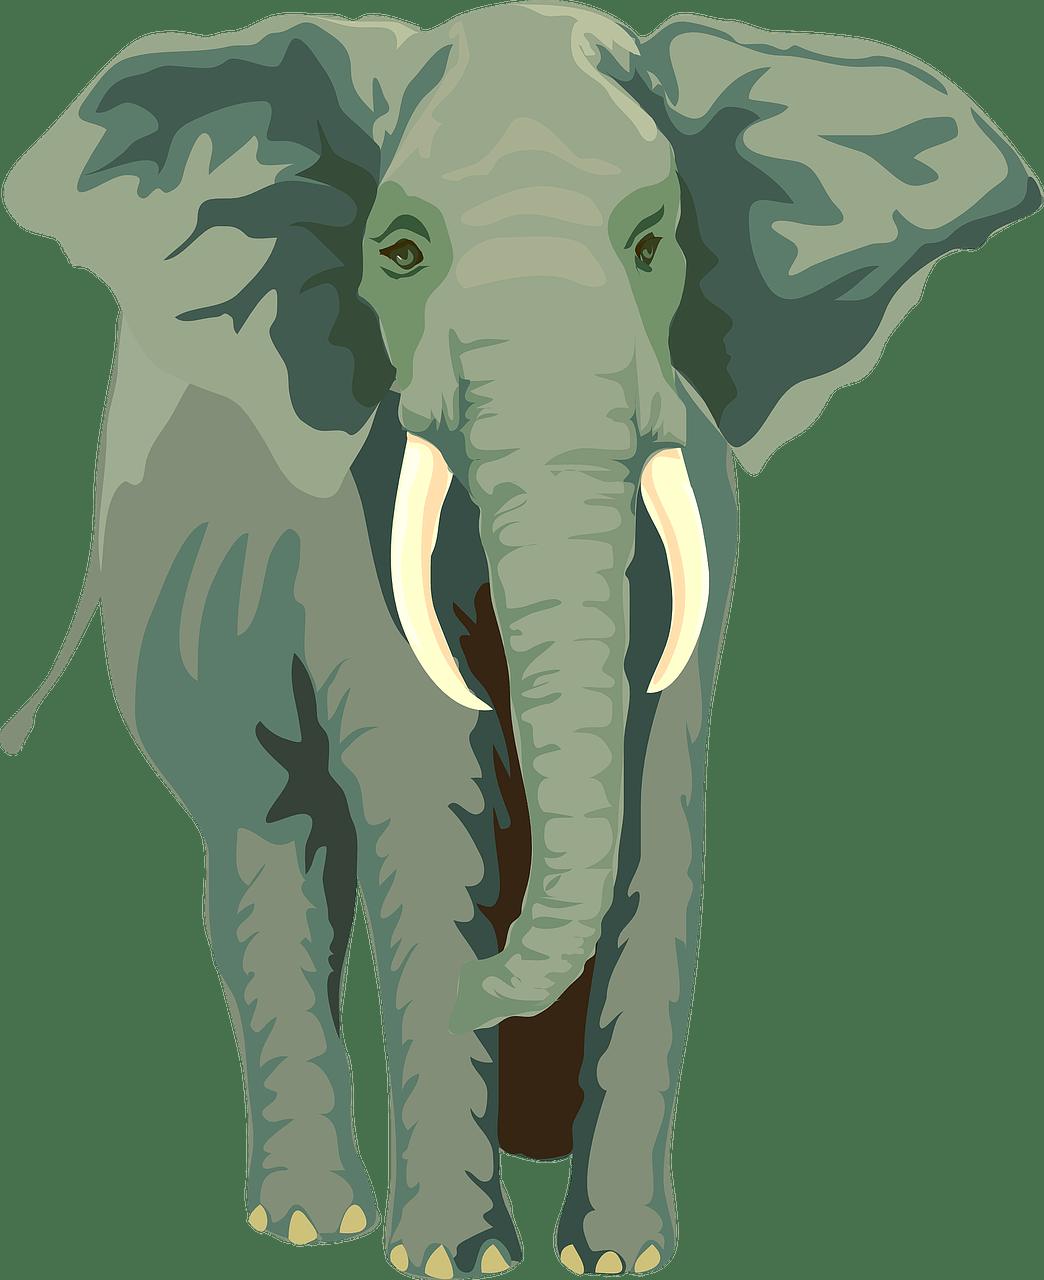 dessin d'un éléphant